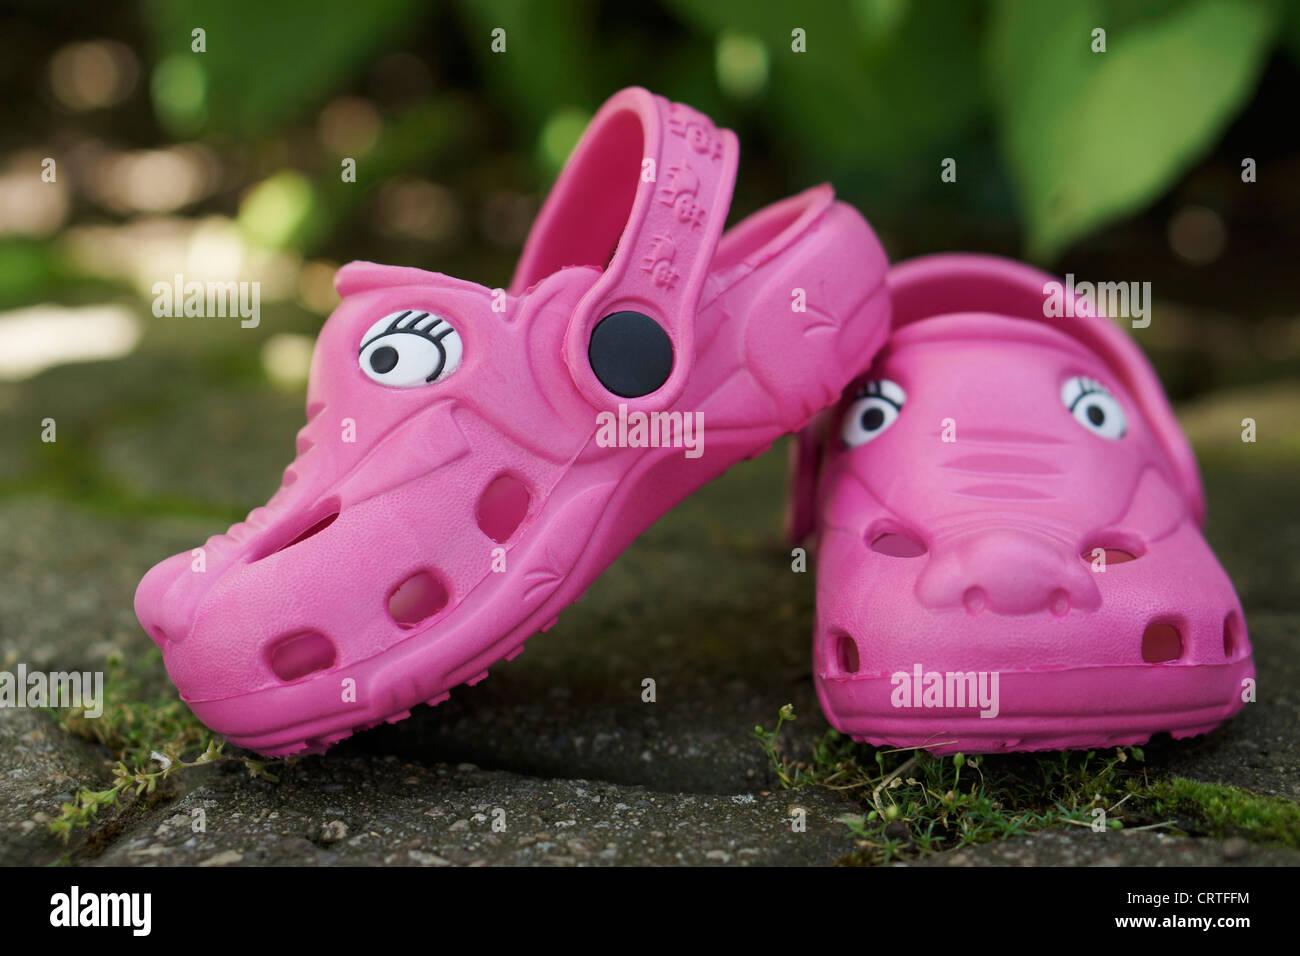 Rosa zoccoli in plastica Immagini Stock